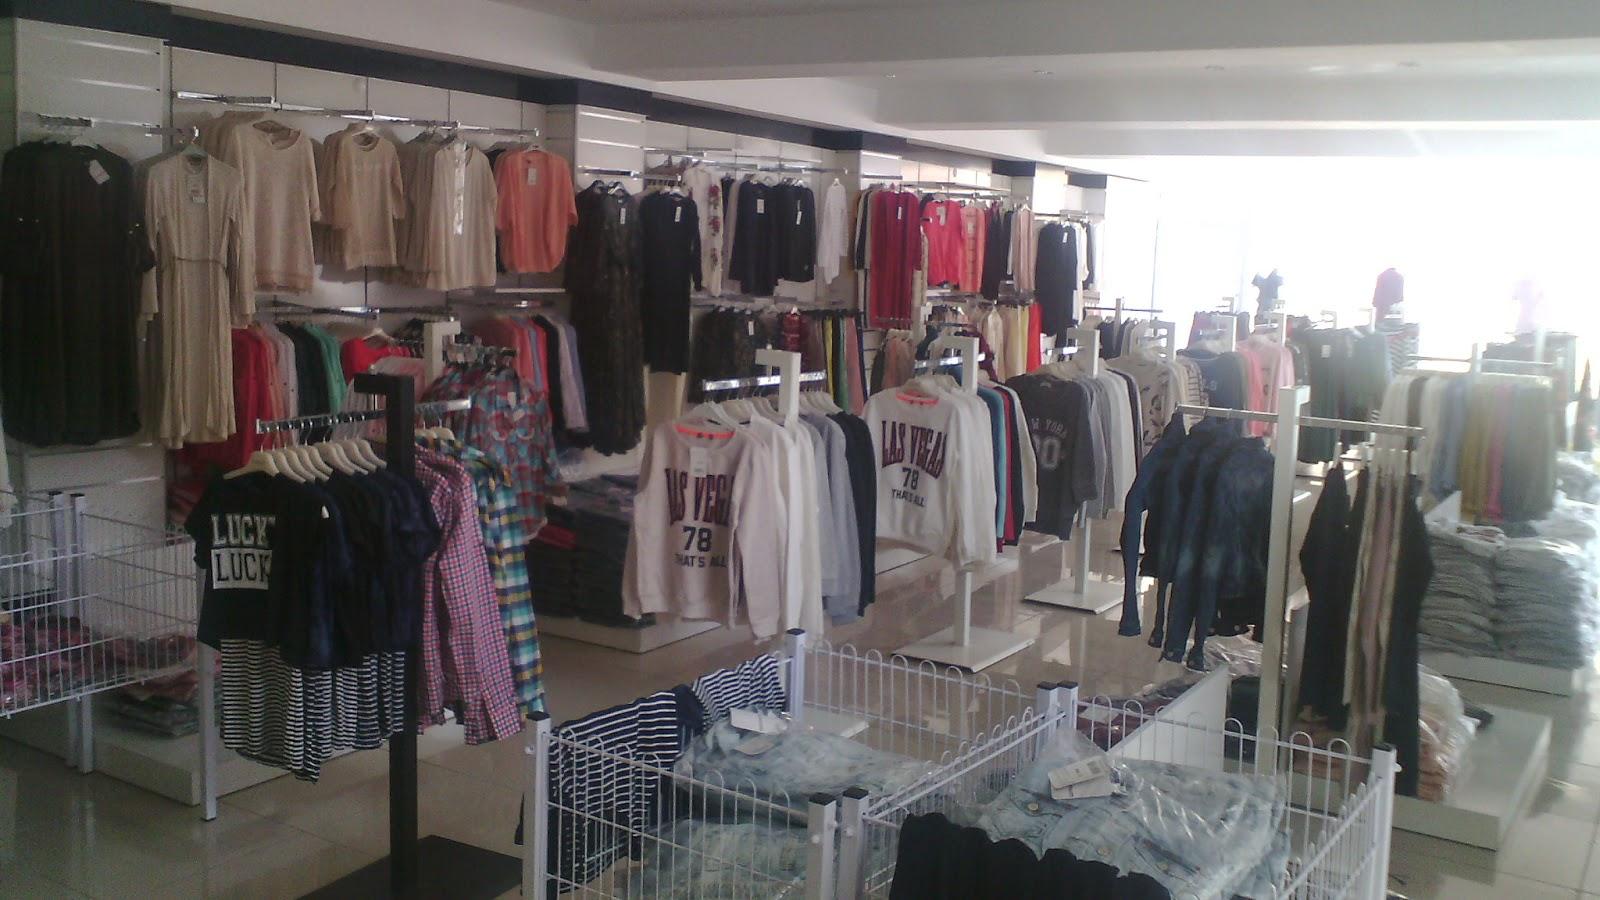 numuneye göre yüksek adetlerde üretim yapan tekstil firmaları